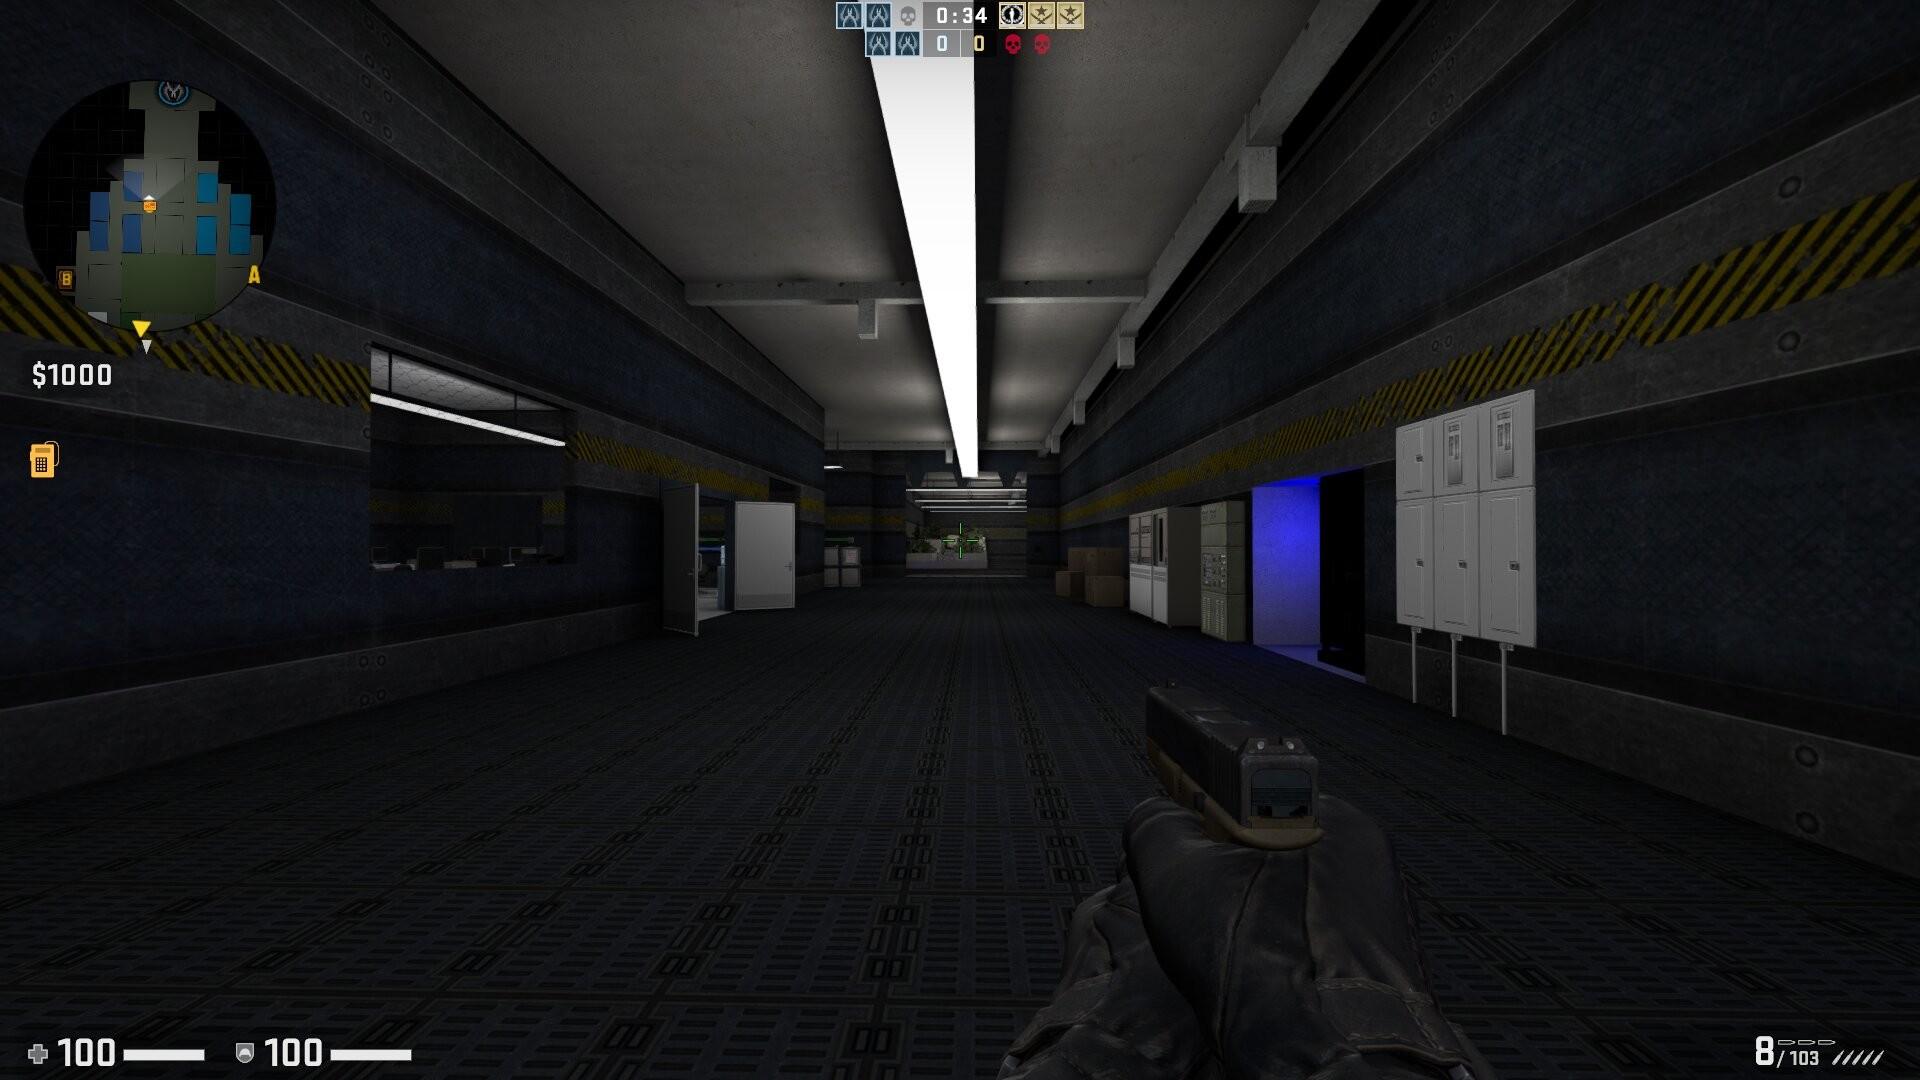 de_polemarchos_facility0002.jpg